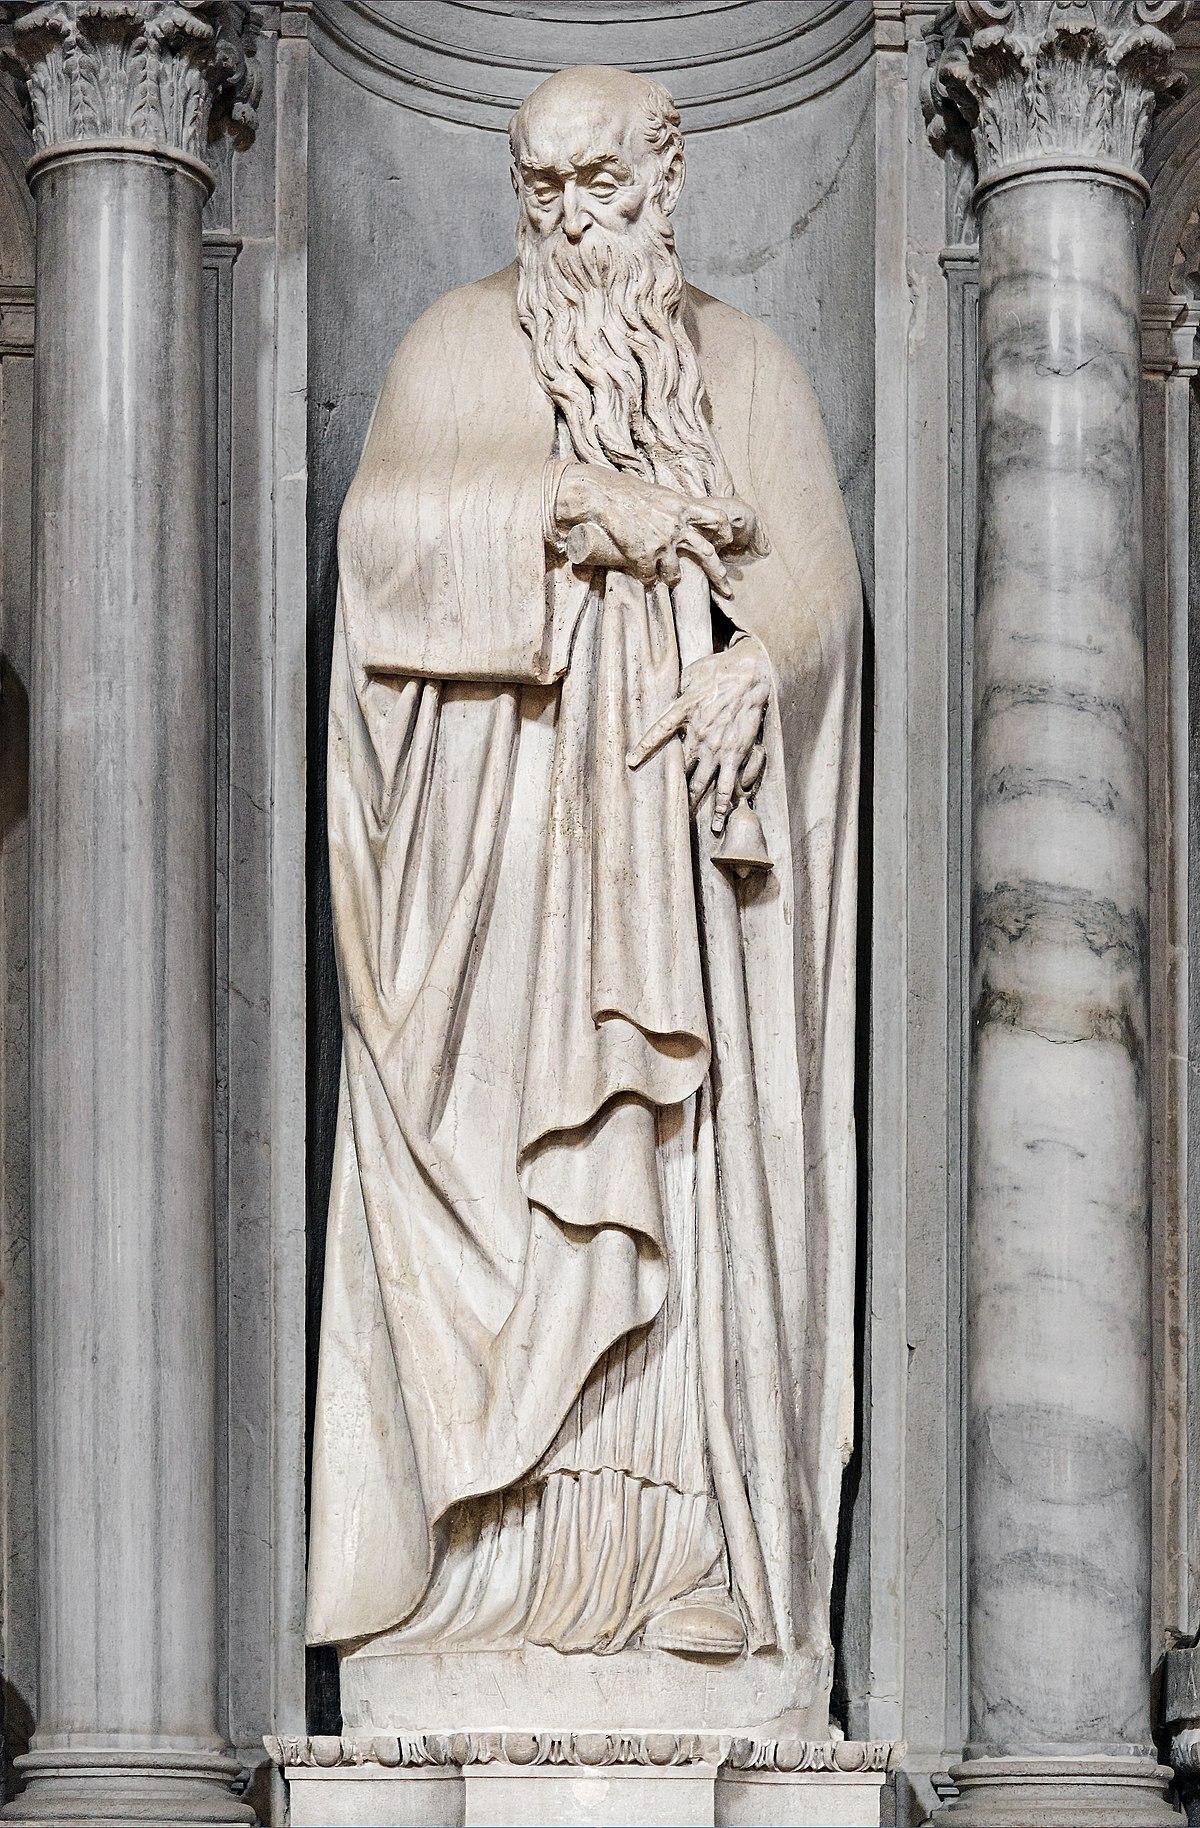 Fitxer cappella montefeltro di francesco smeraldi sant for Arredo bimbo sant antonio abate